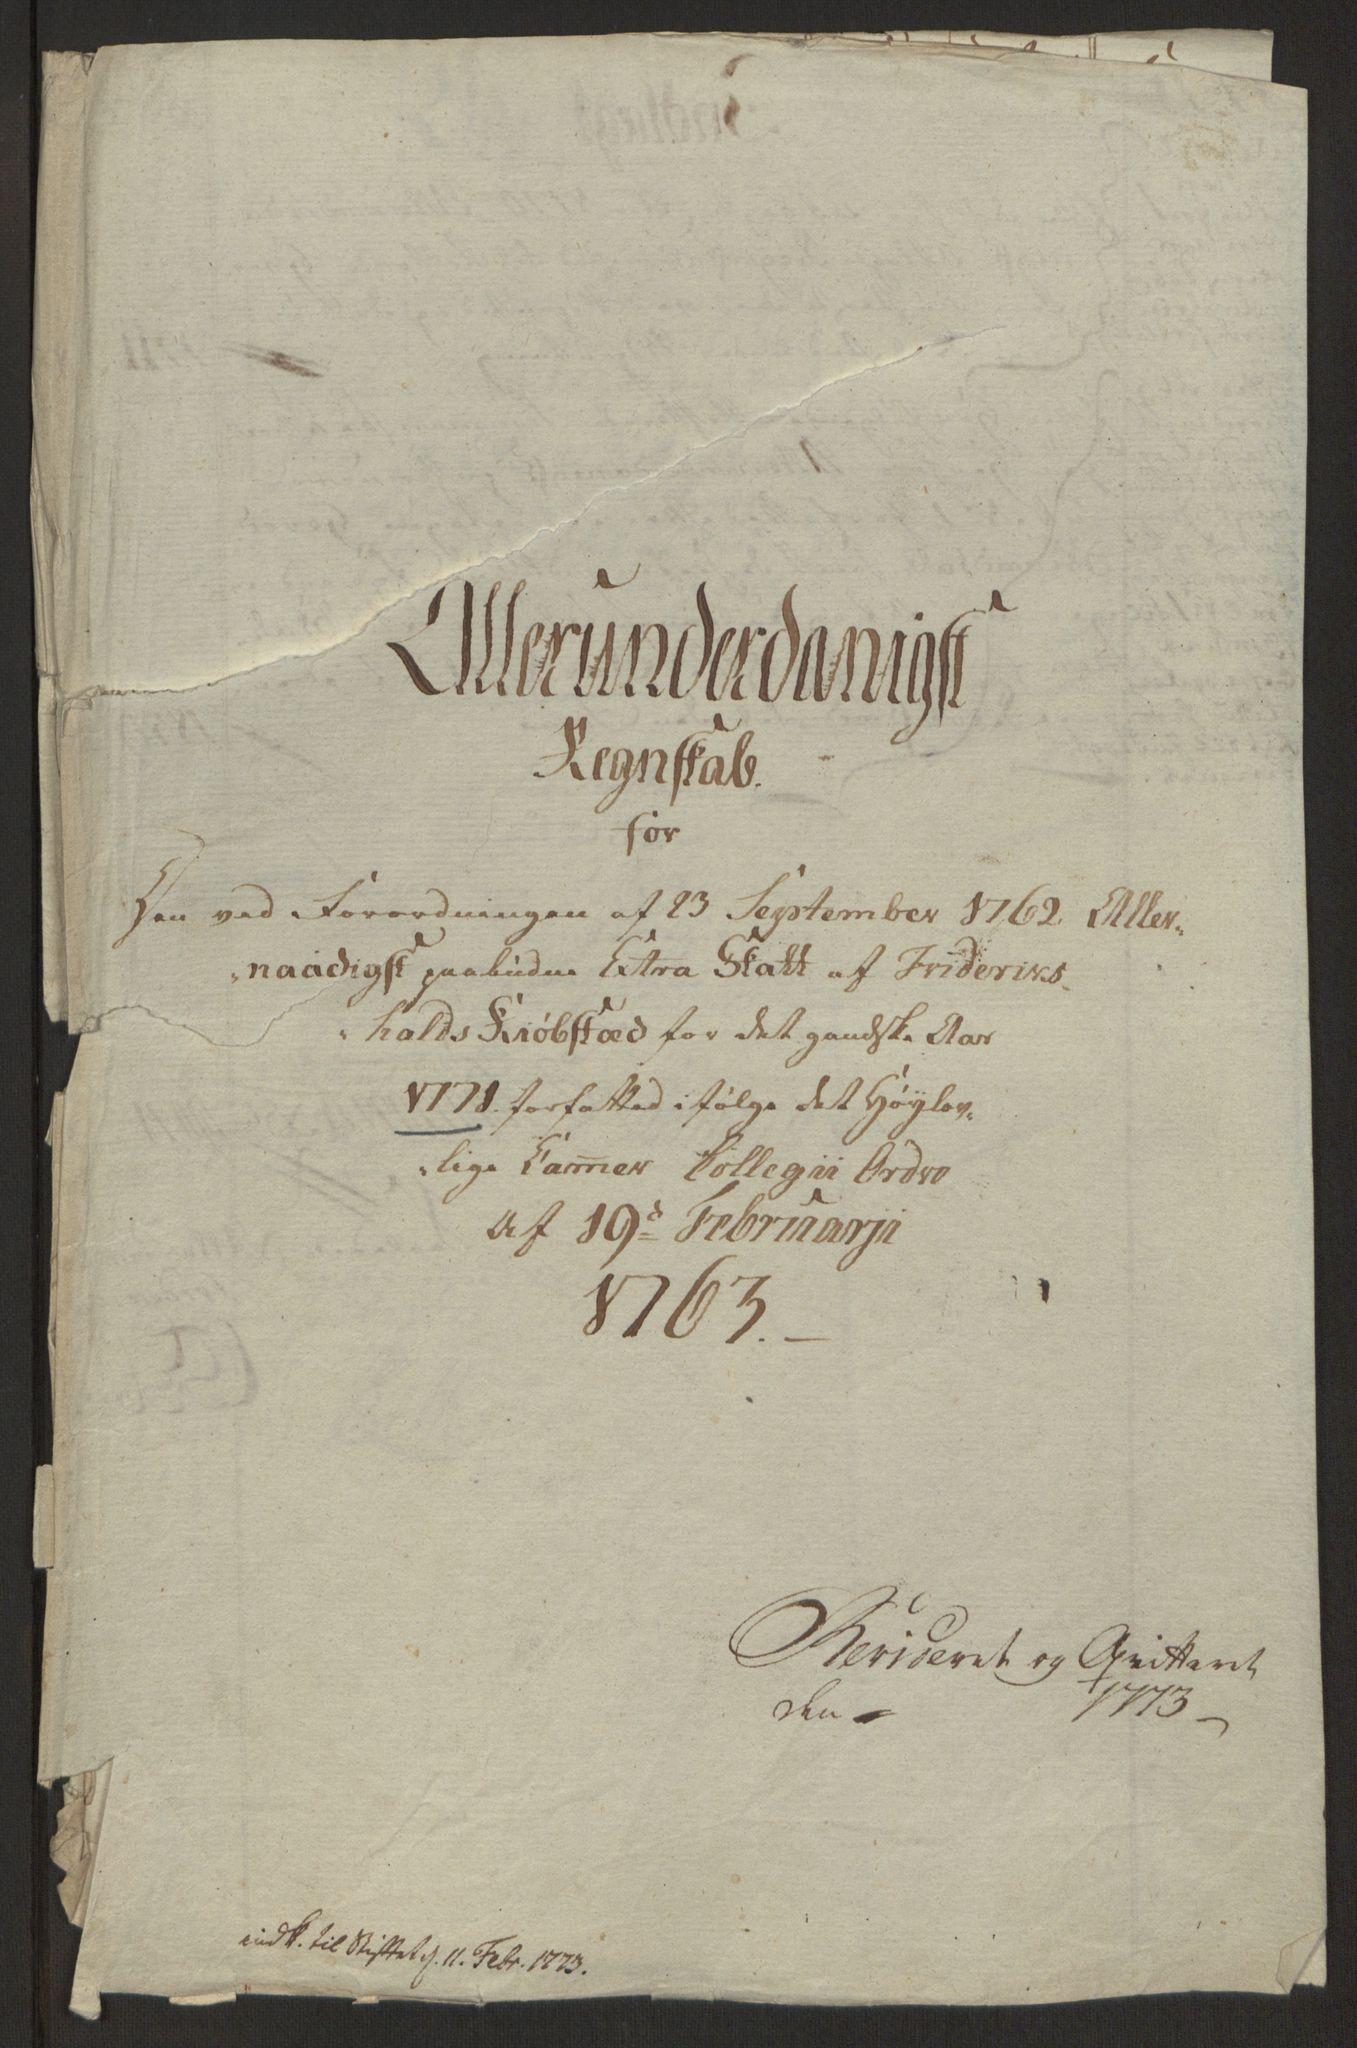 RA, Rentekammeret inntil 1814, Reviderte regnskaper, Byregnskaper, R/Ra/L0006: [A4] Kontribusjonsregnskap, 1762-1772, s. 223